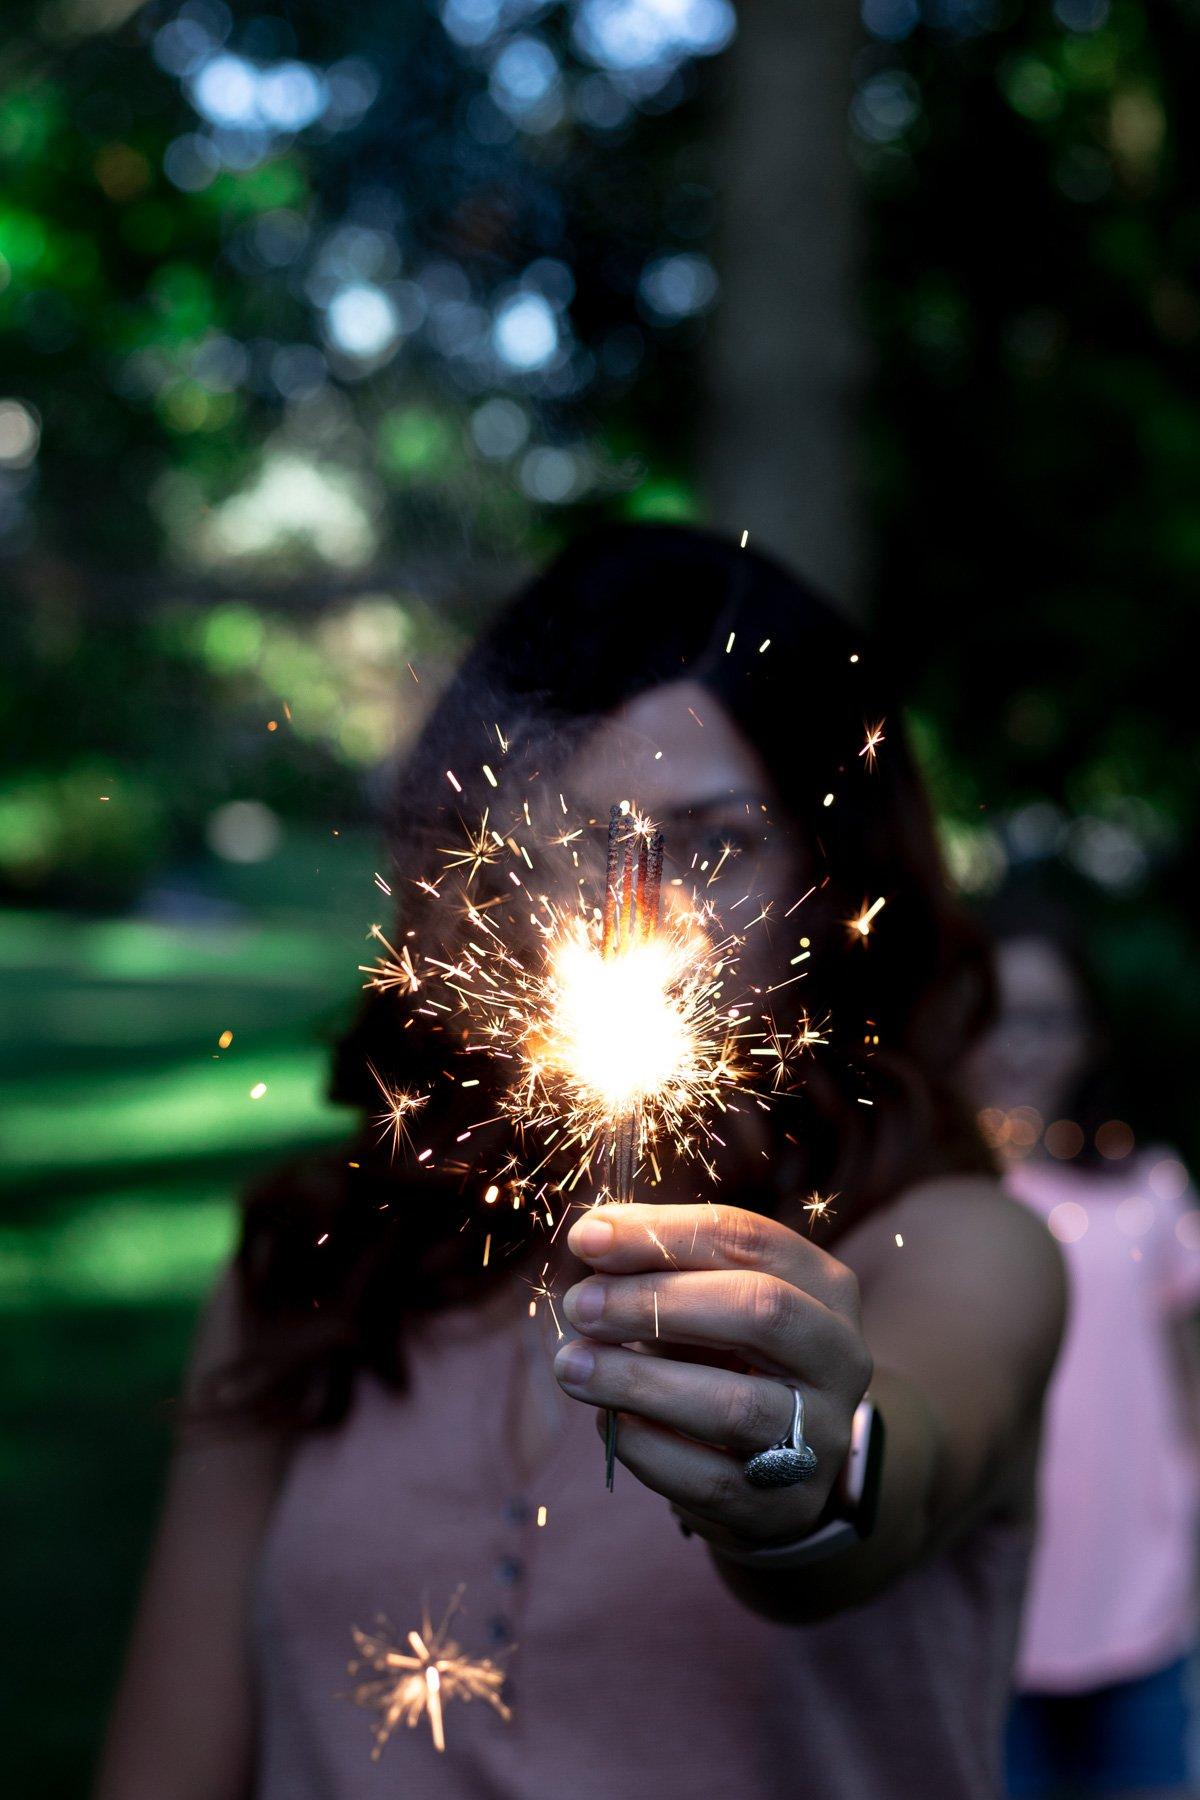 karly gomez with lit sparklers